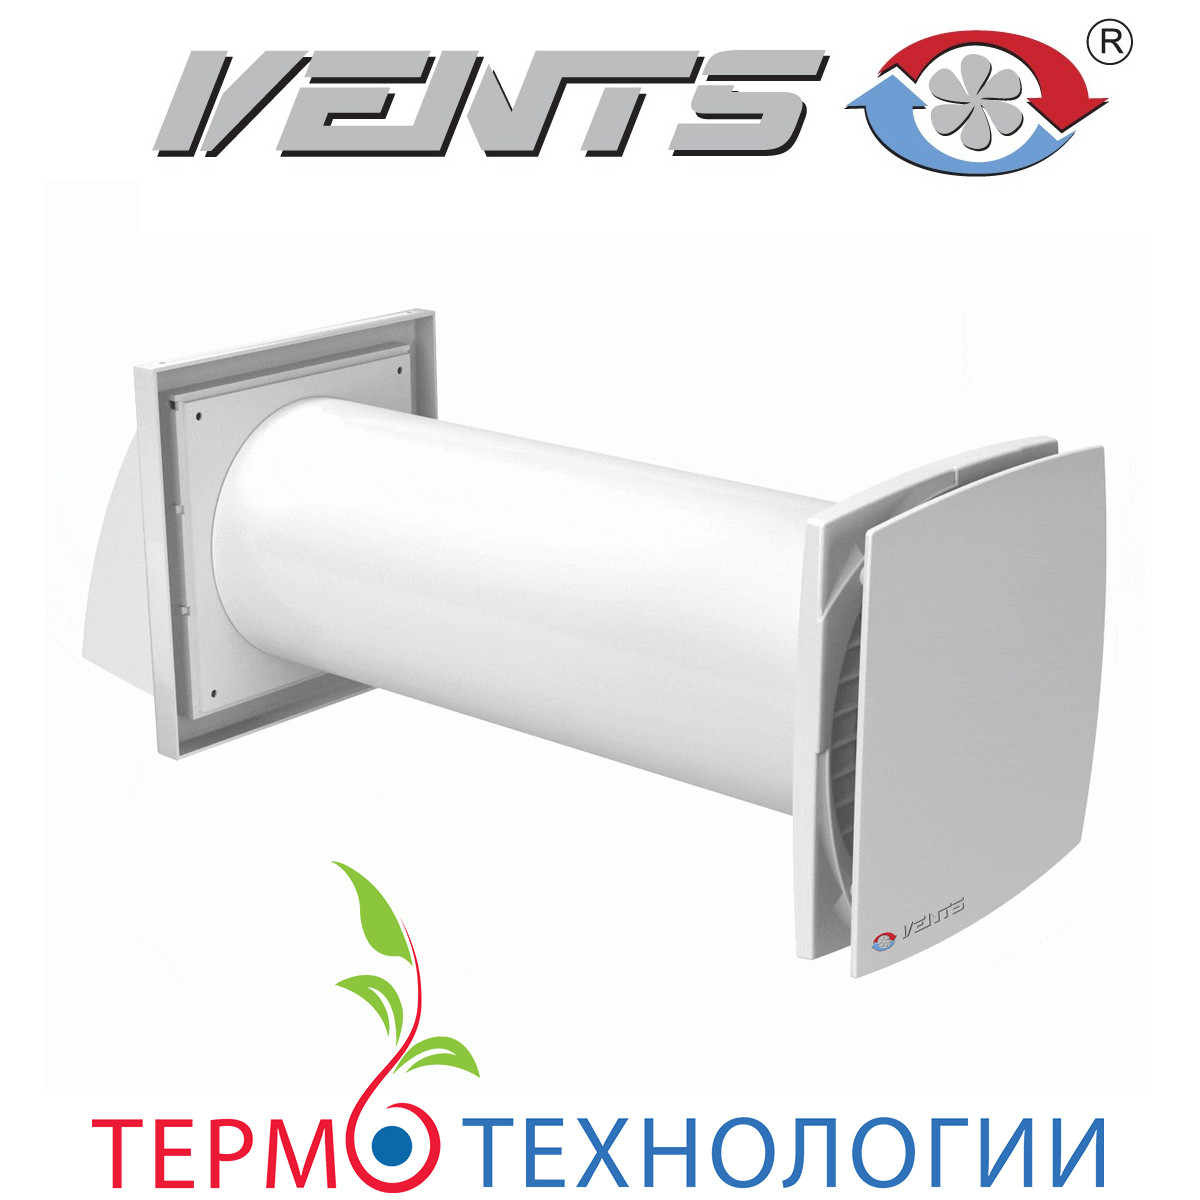 Рекуператор Vents Solo для вентиляции помещения до 25 м.кв.